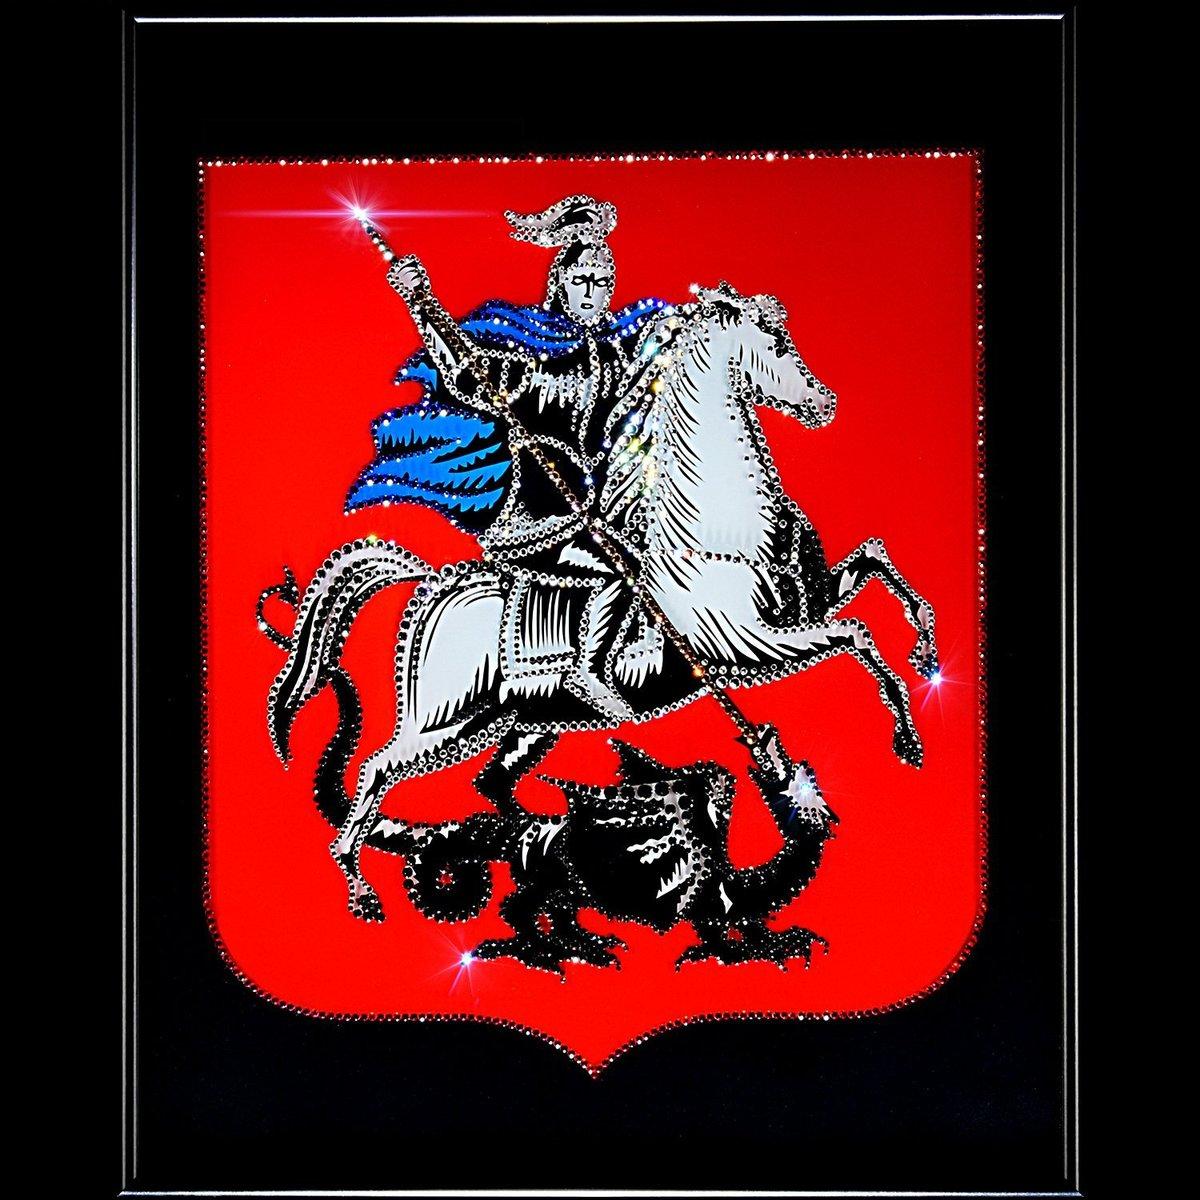 герб москвы картинки она погружала